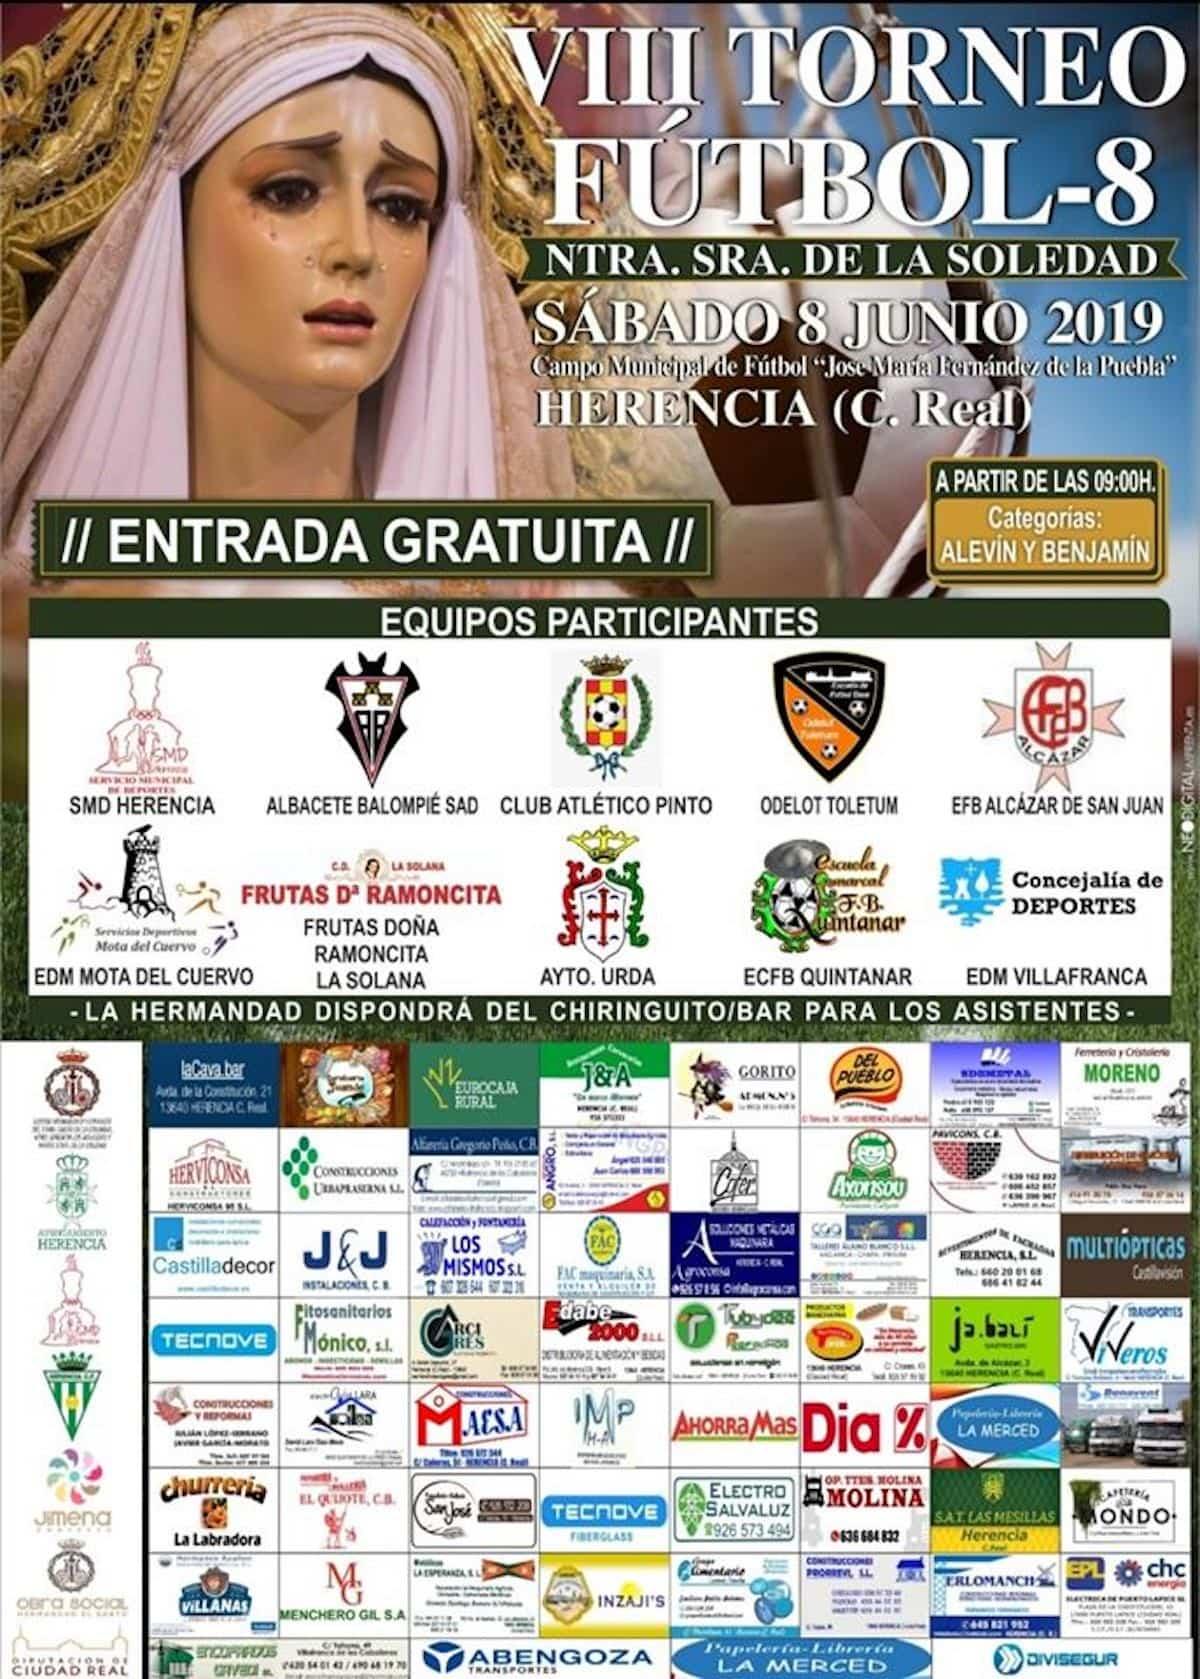 """Más de 300 chavales se dieron cita en el VIII Torneo de Fútbol-8 """"Virgen de la Soledad"""" 36"""